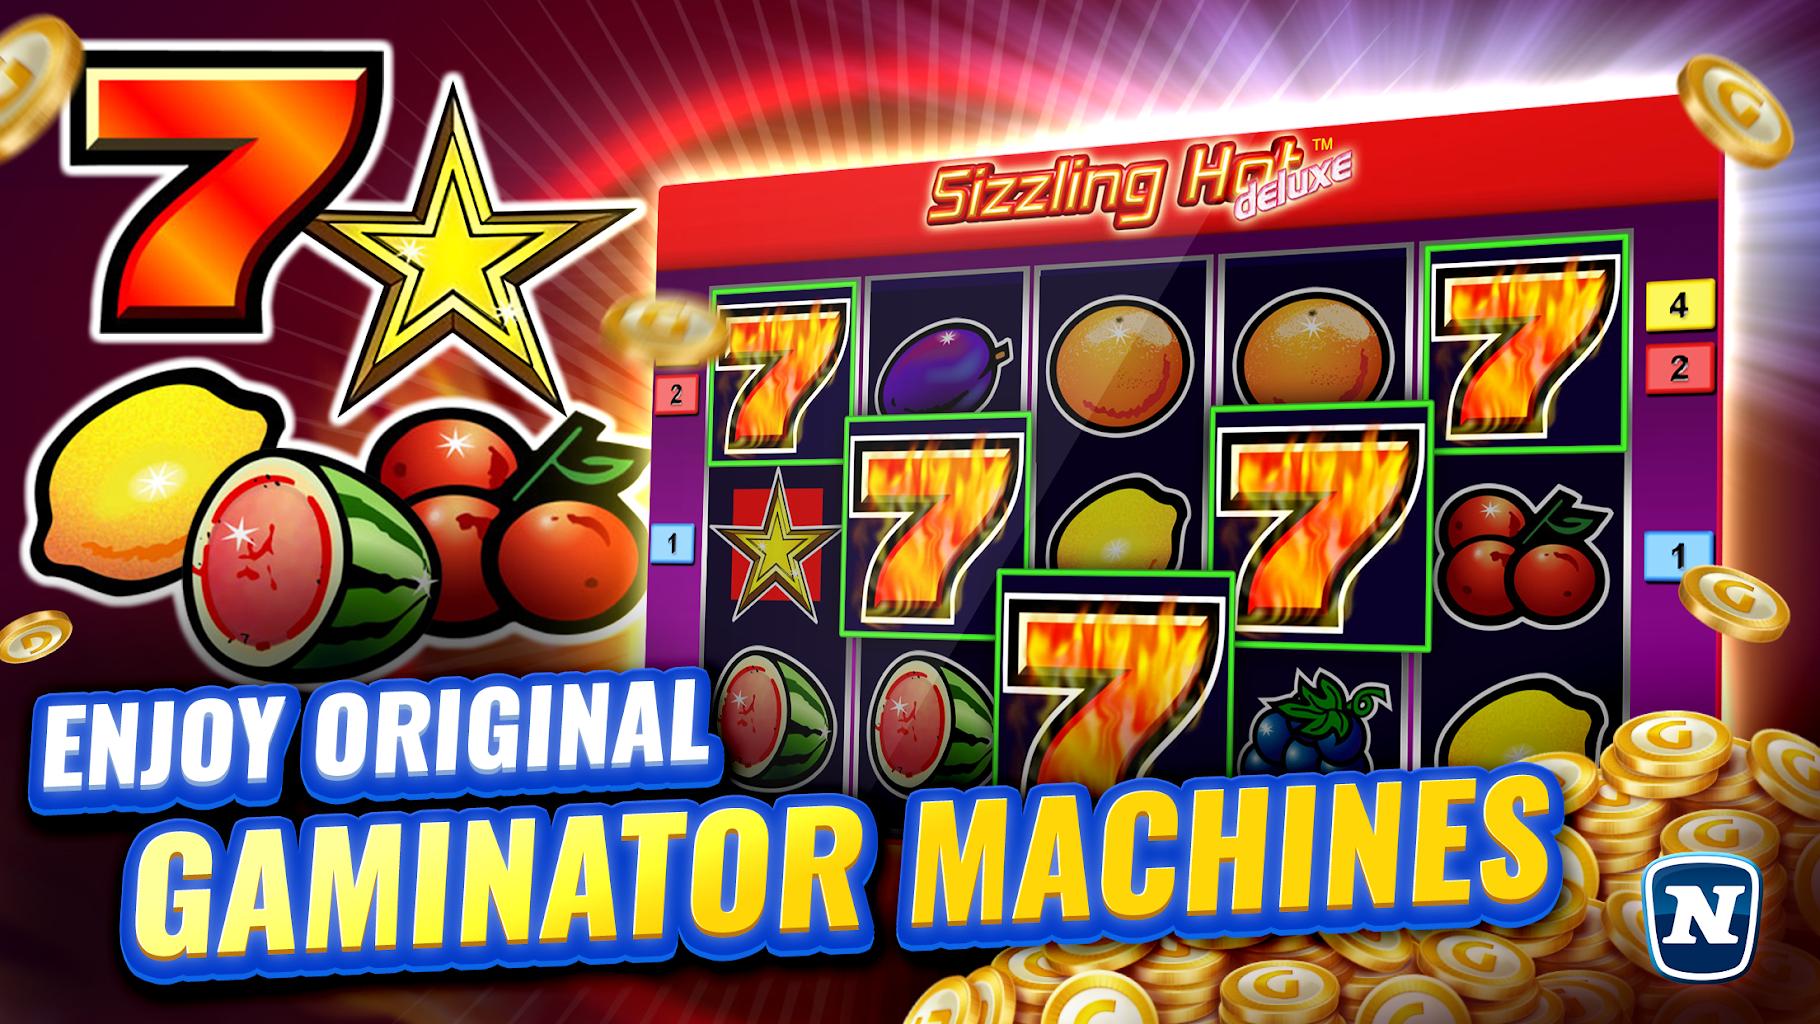 Скачать бесплатно игровые автоматы 77777 казино минска мираж